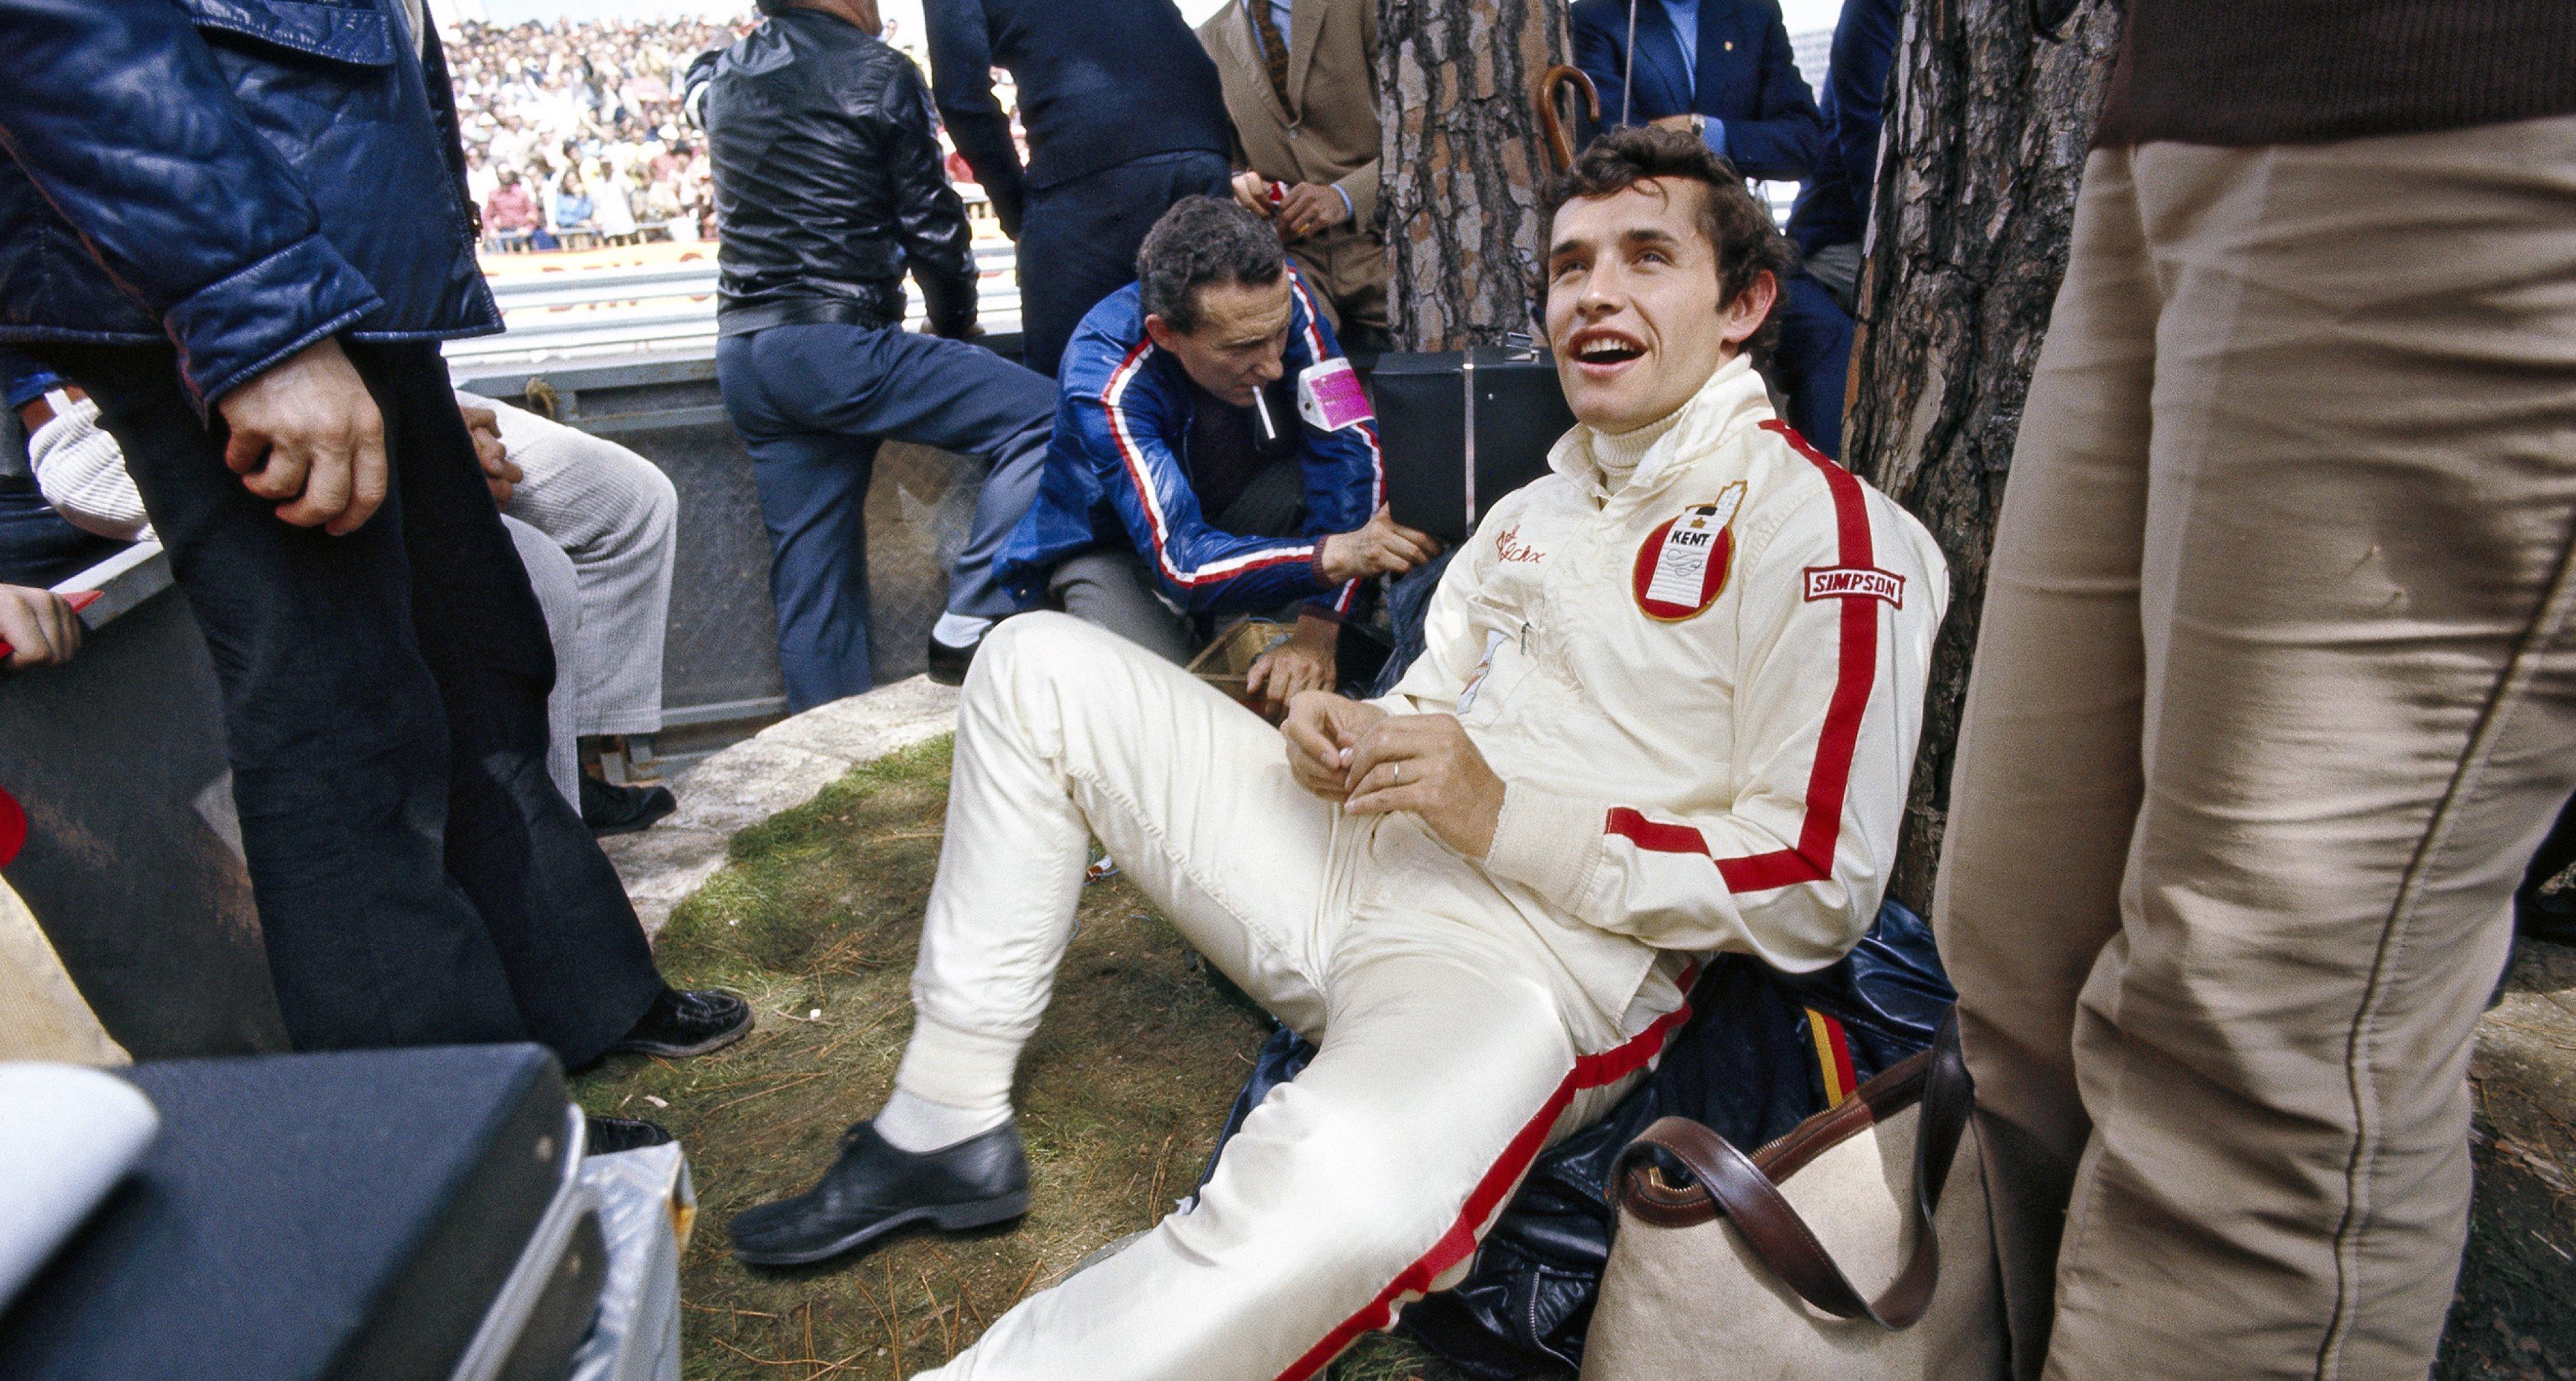 Jacky Ickx in Monaco, 1971.